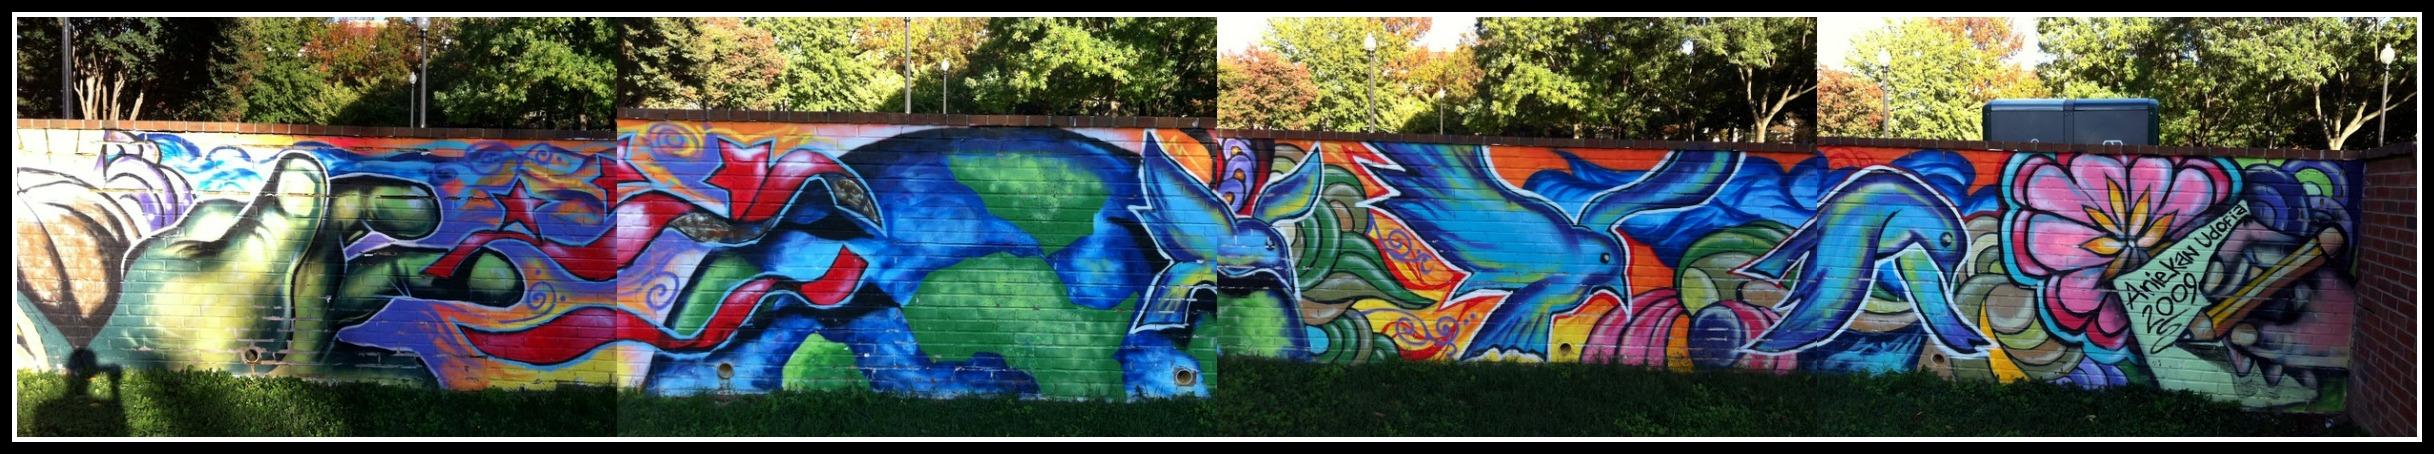 woodley-park-mural